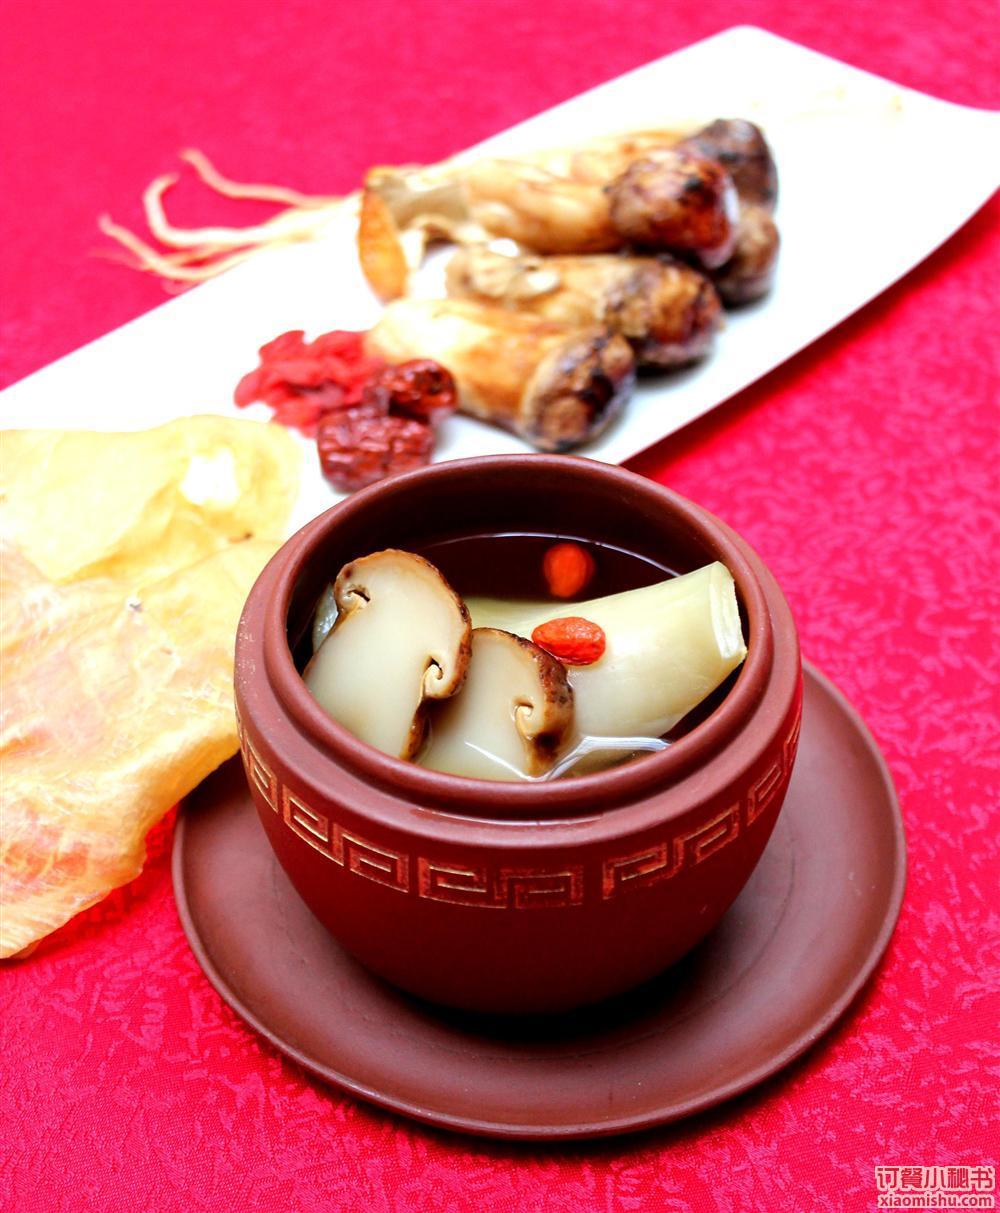 天津店是在五大道历史老宅基础上,沿袭原有的园林艺术风格,将高端美食